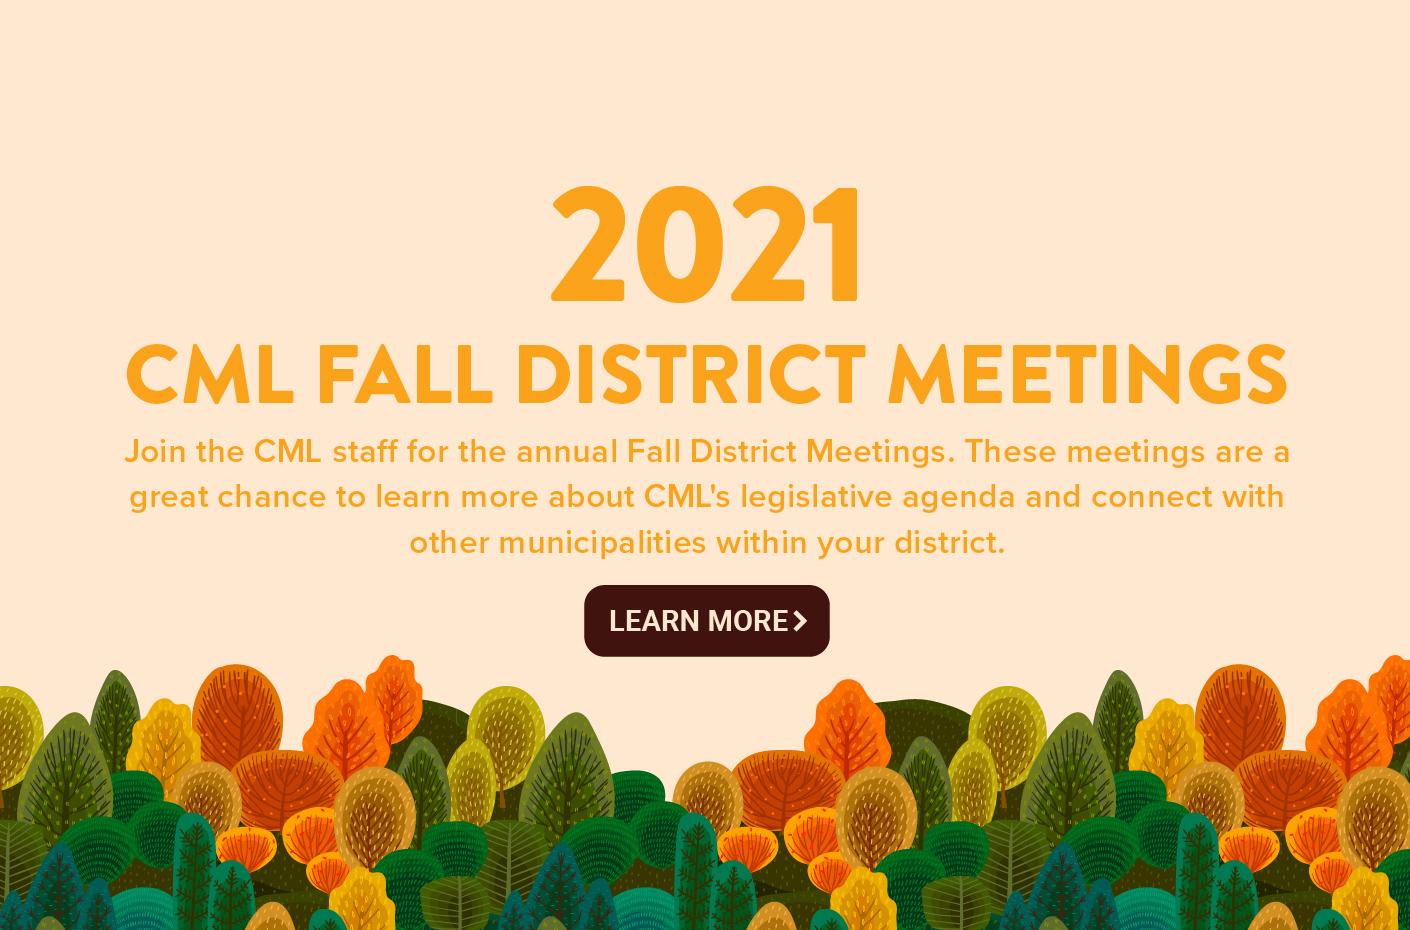 CML_Fall_District_Meetings_websiteBanner_2021-338x223